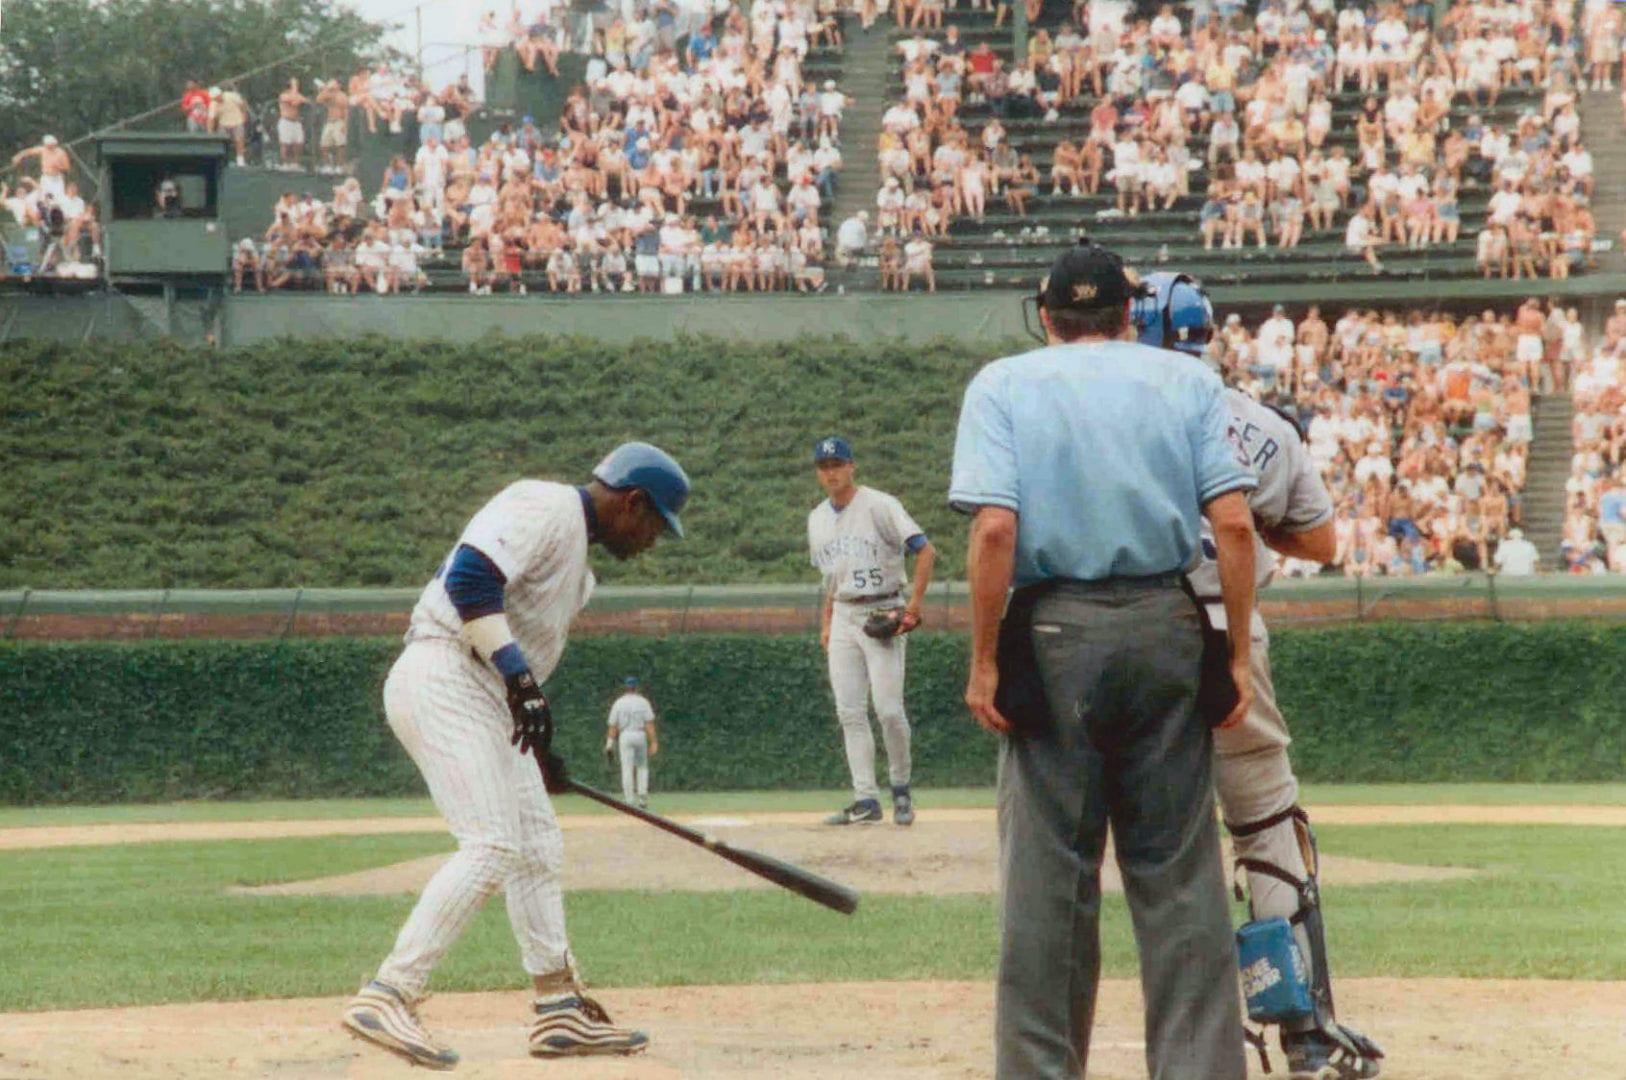 Sammy Sosa holding the bat